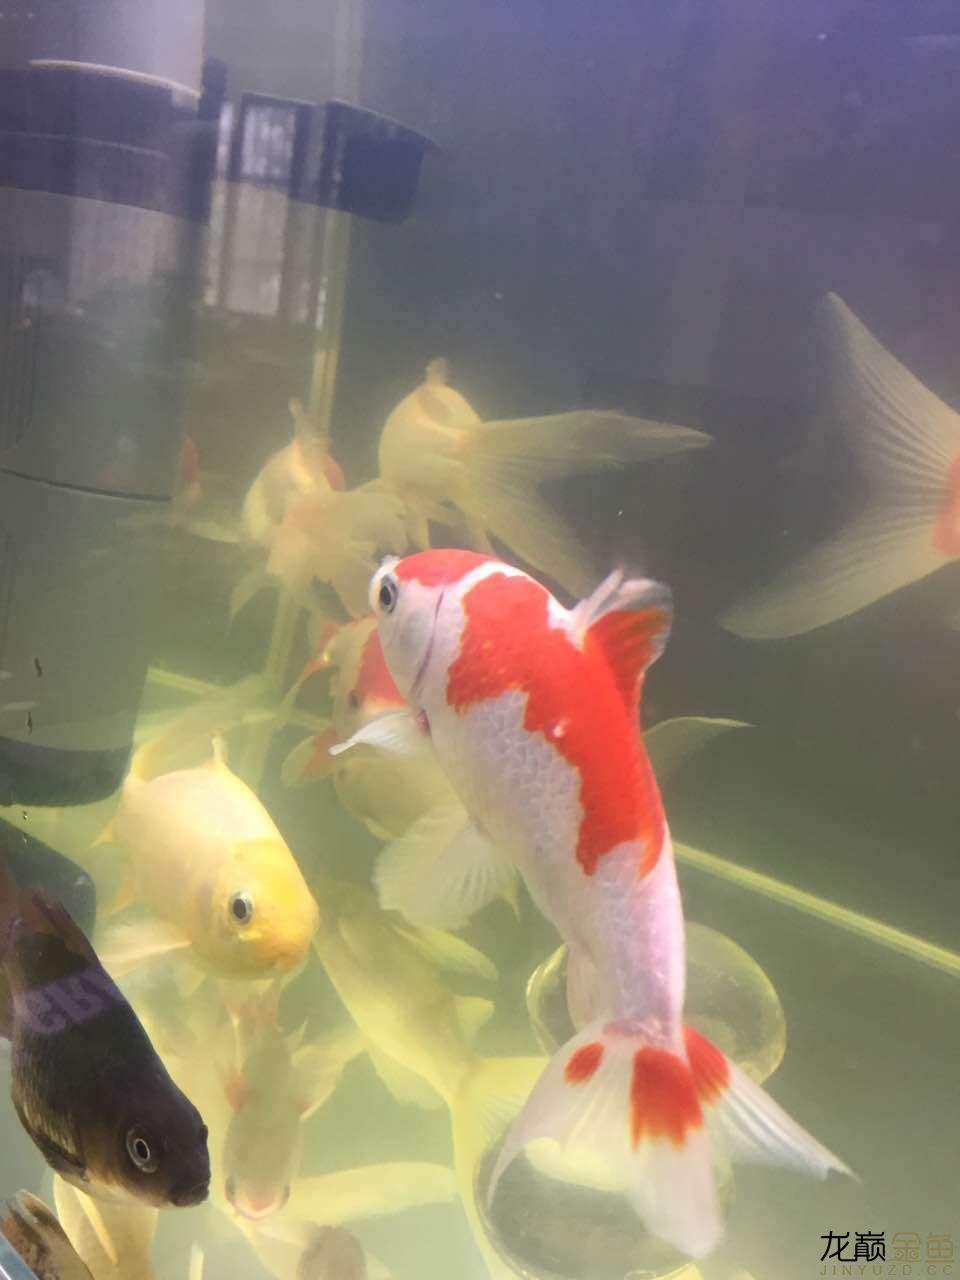 这张是换滴流过滤之前的 鱼身上有白点凸起物 请问是什么毛病 怎么治疗呢